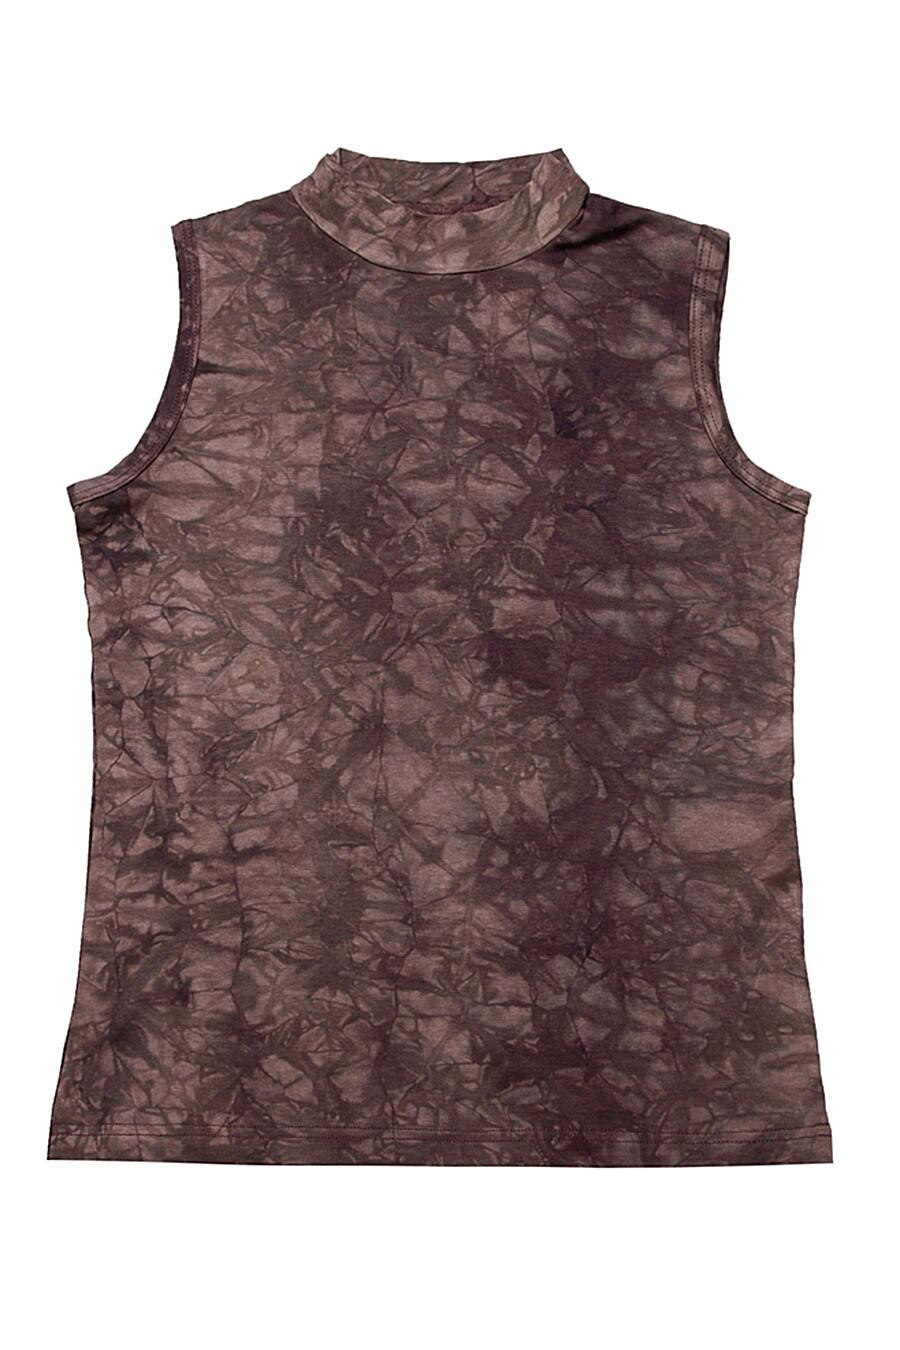 Джемпер для женщин Archi 130596 купить оптом от производителя. Совместная покупка женской одежды в OptMoyo